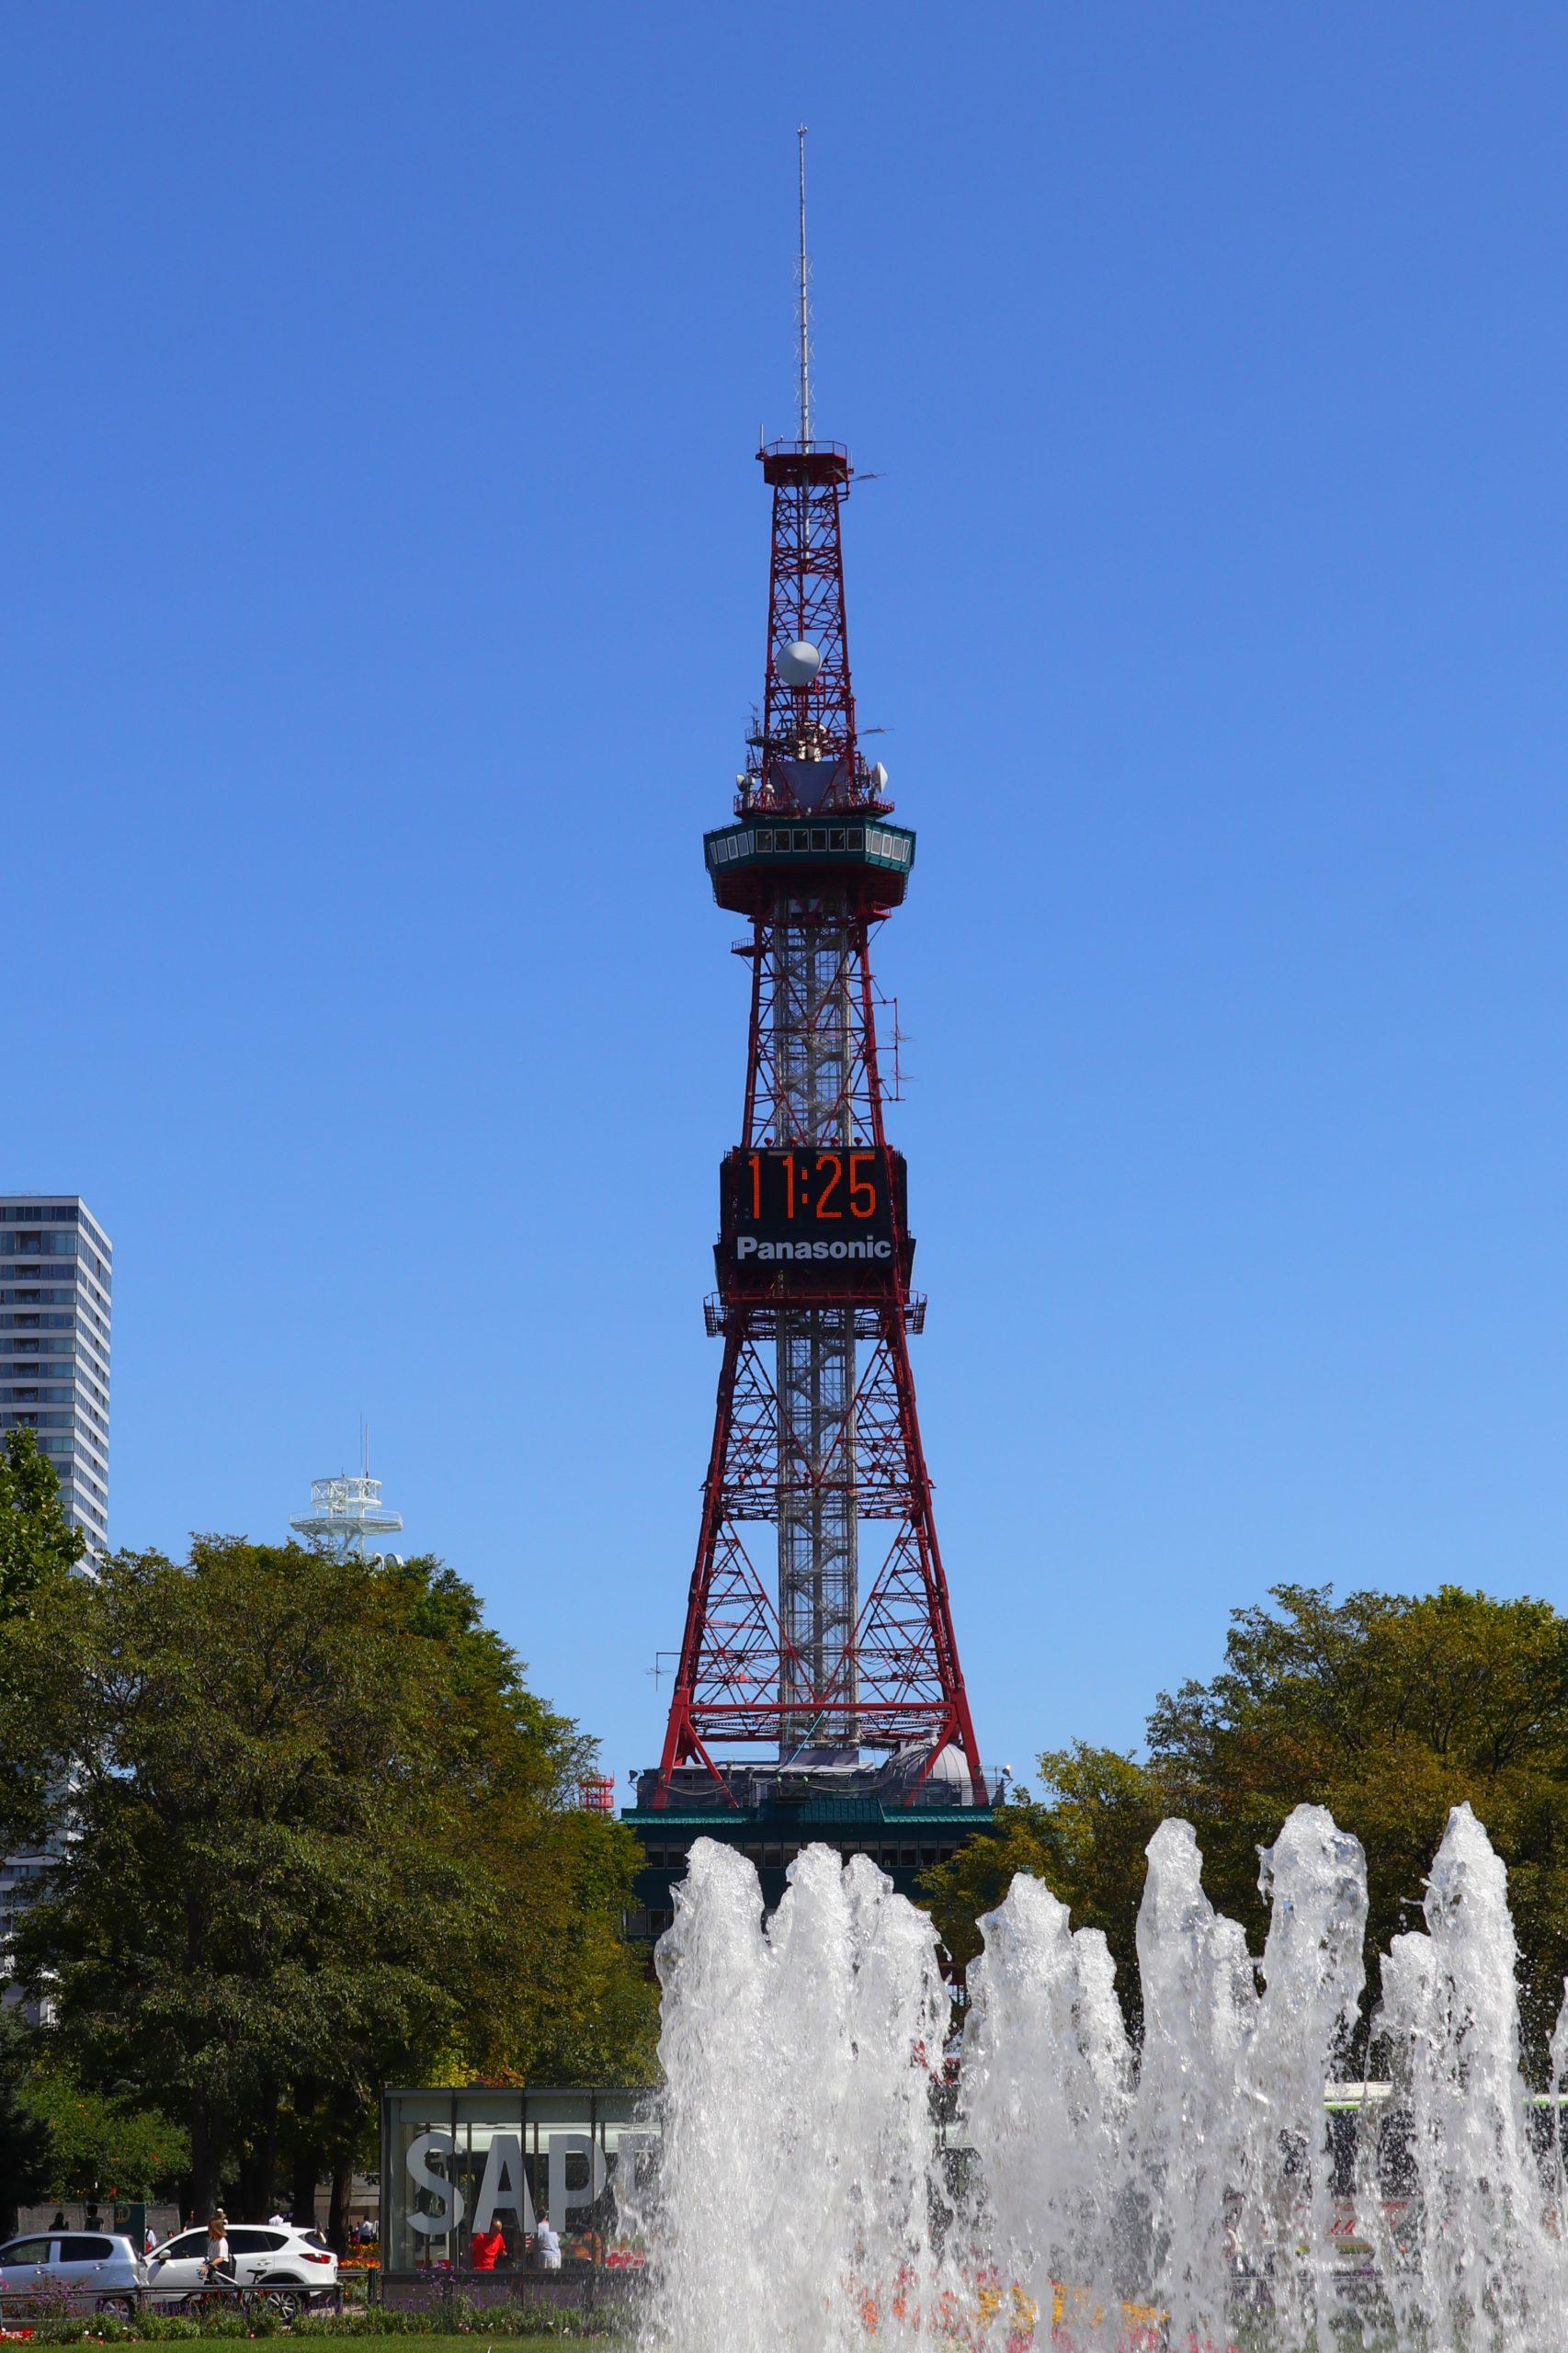 札幌 観光 施設 無料